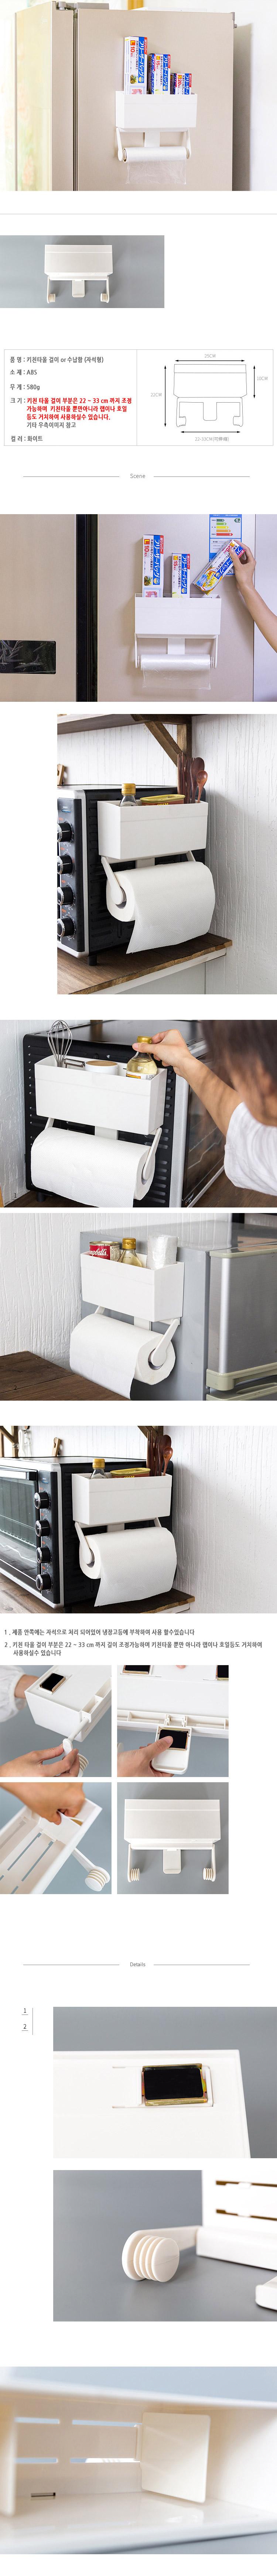 키친타올 걸이 or 수납함 (자석형) - 연호디자인, 10,240원, 주방정리용품, 키친타올걸이